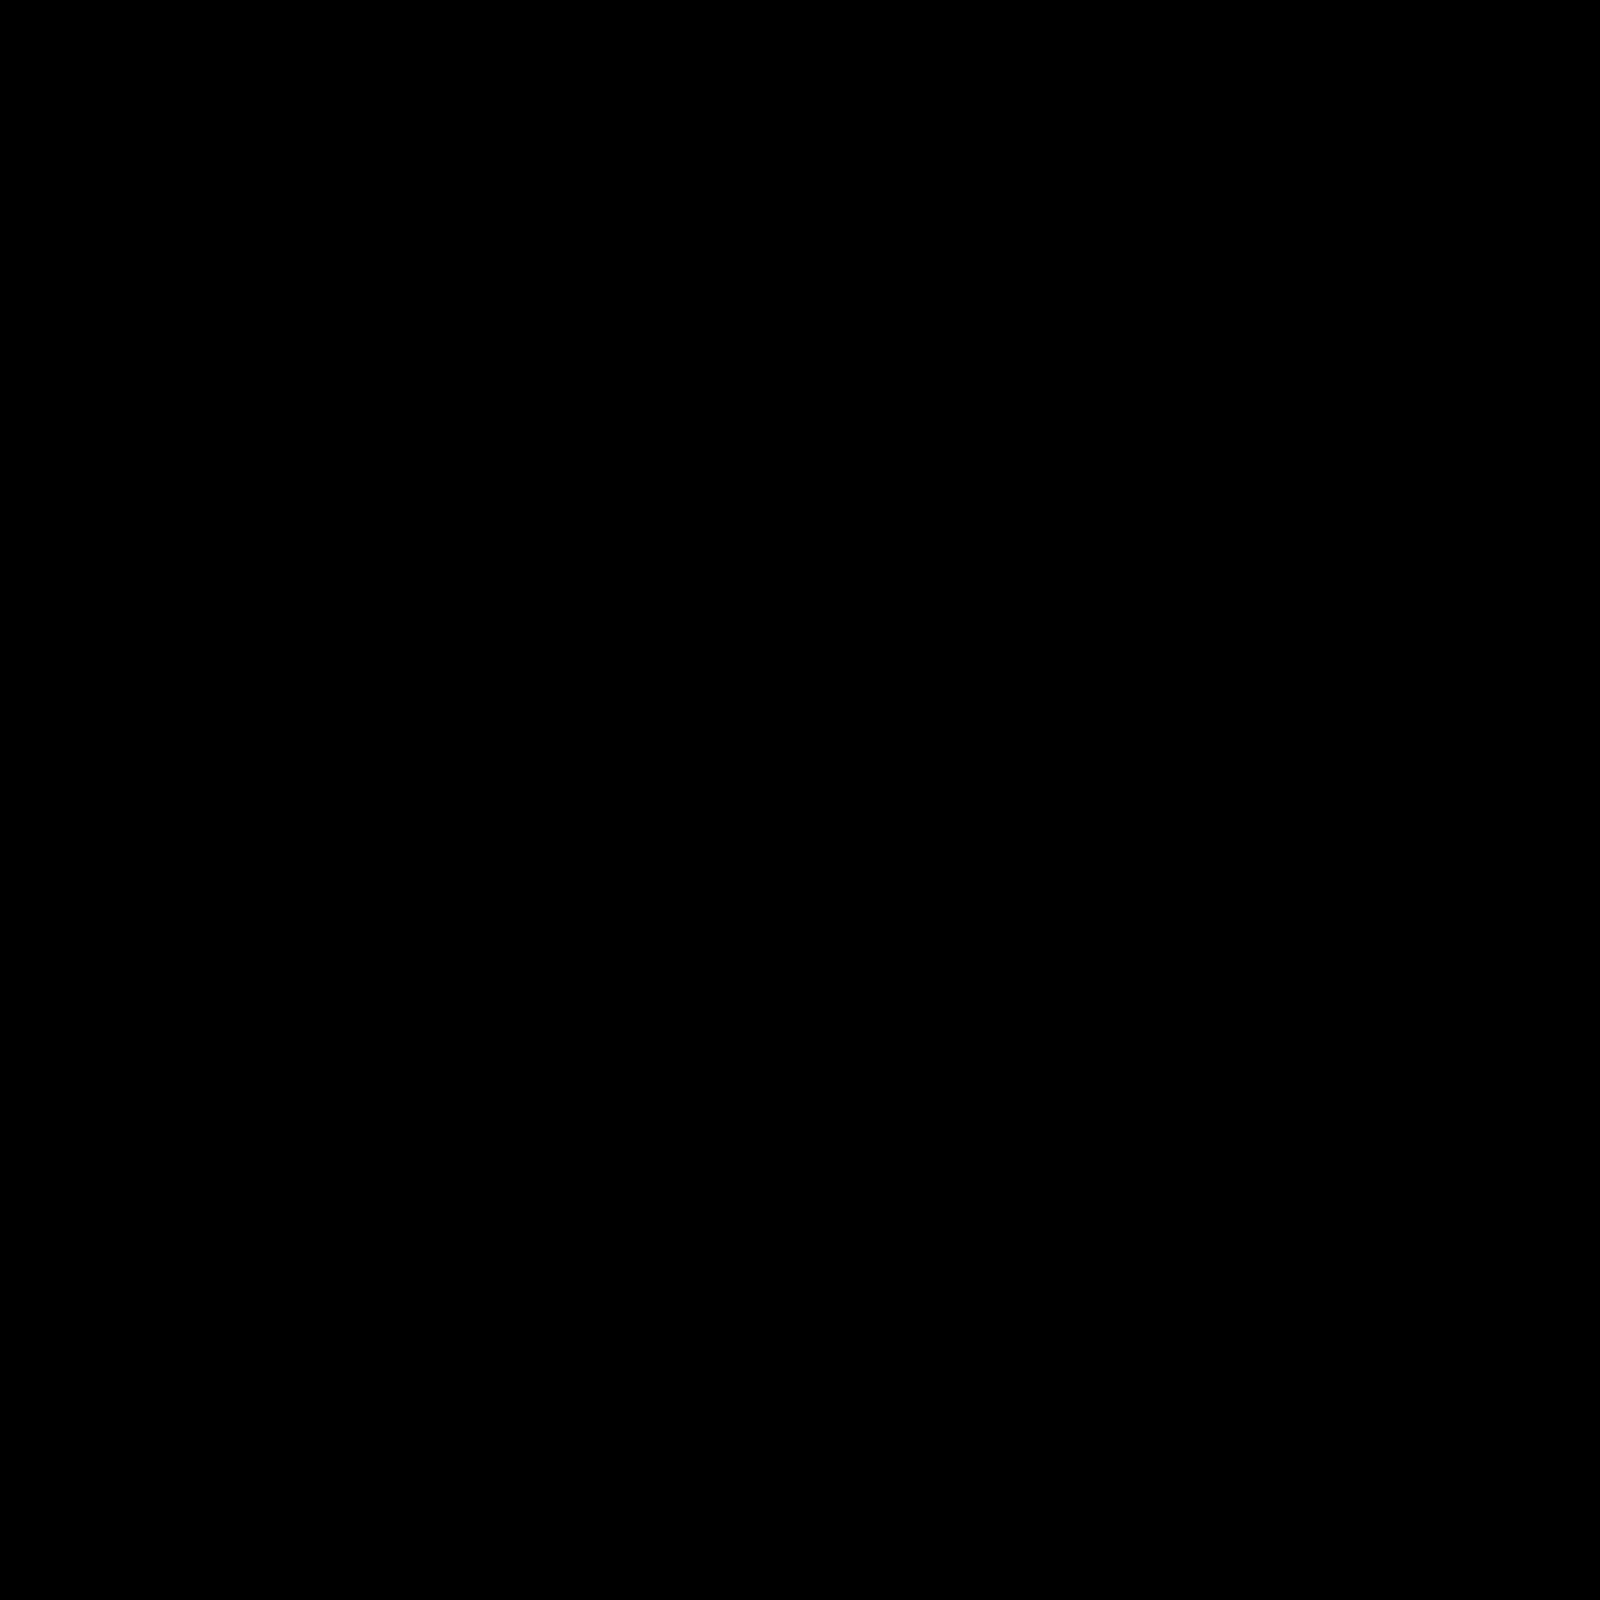 Data do icon